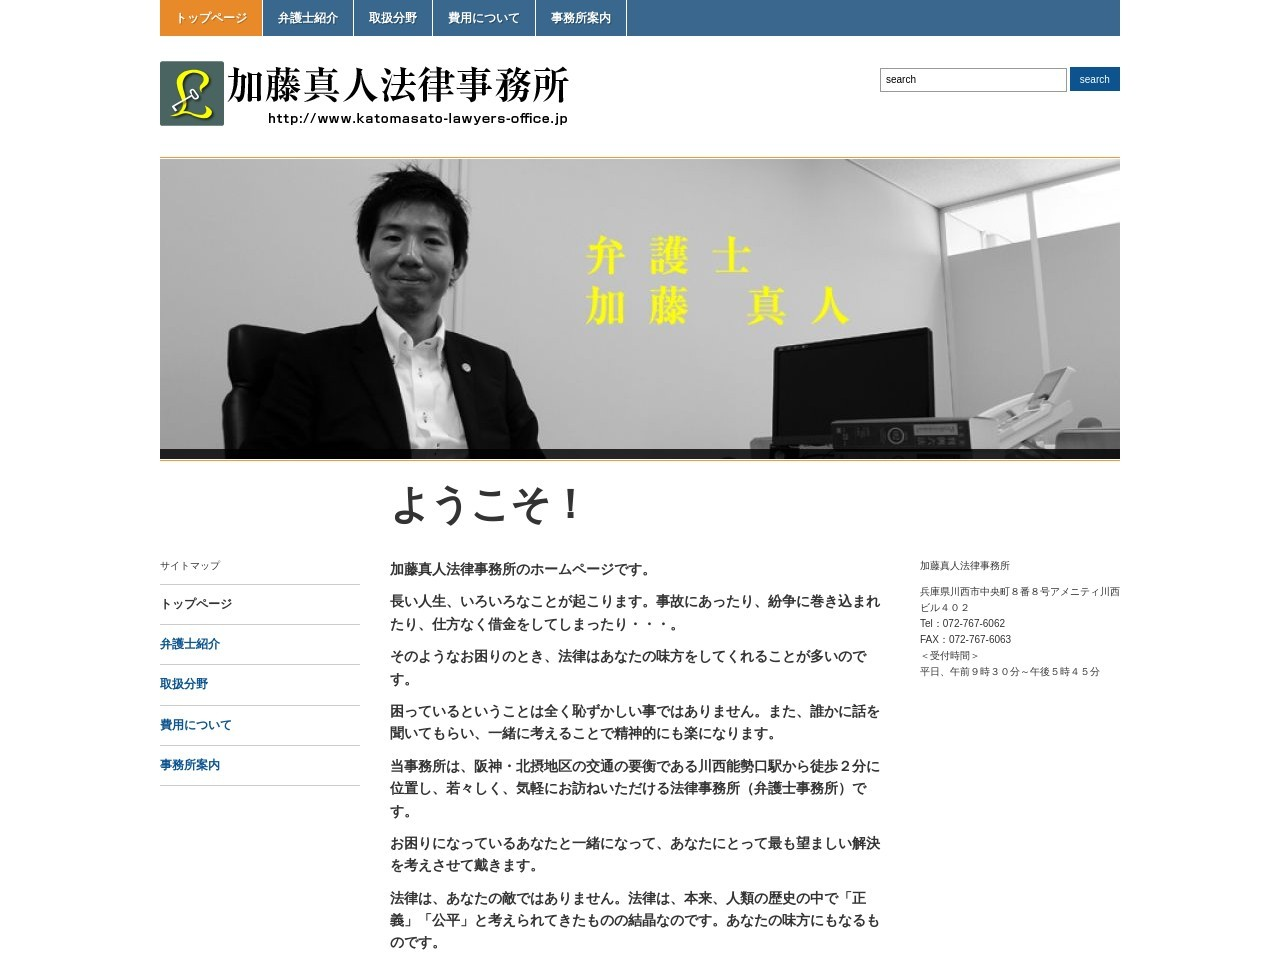 加藤真人法律事務所